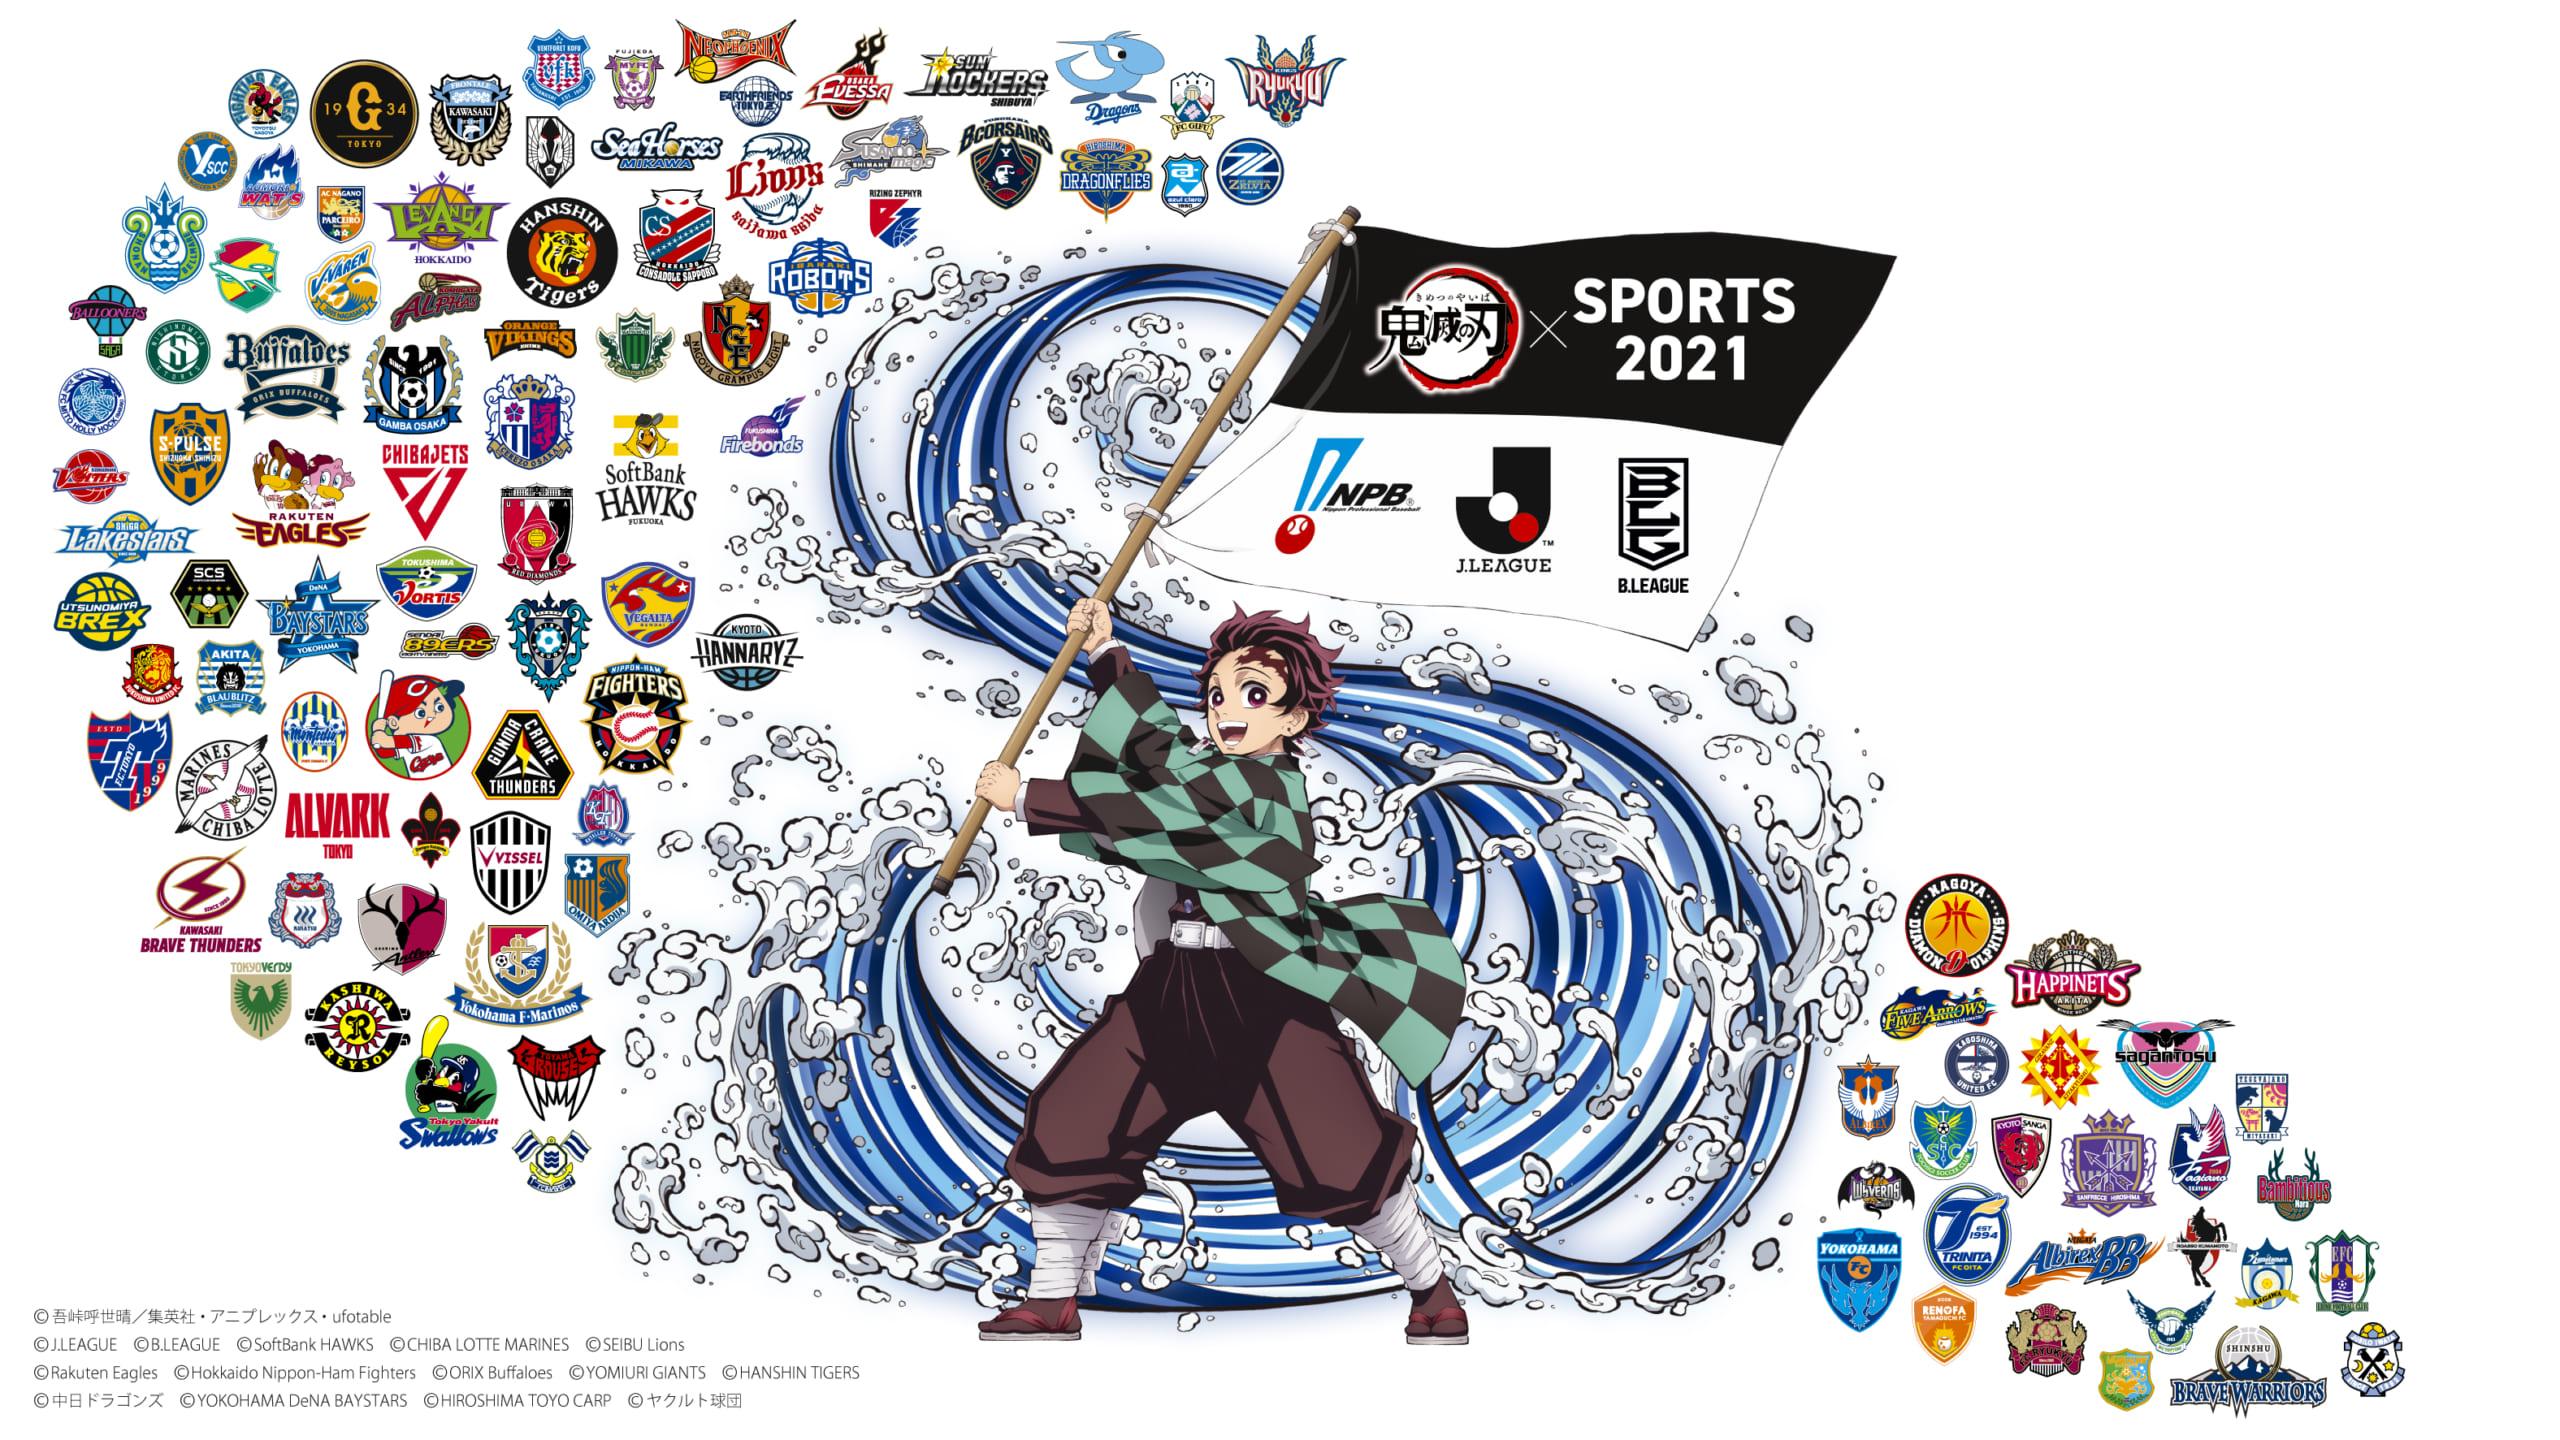 「SPORTS2021×鬼滅」105チームが参加の3スポーツリーグ横断企画!